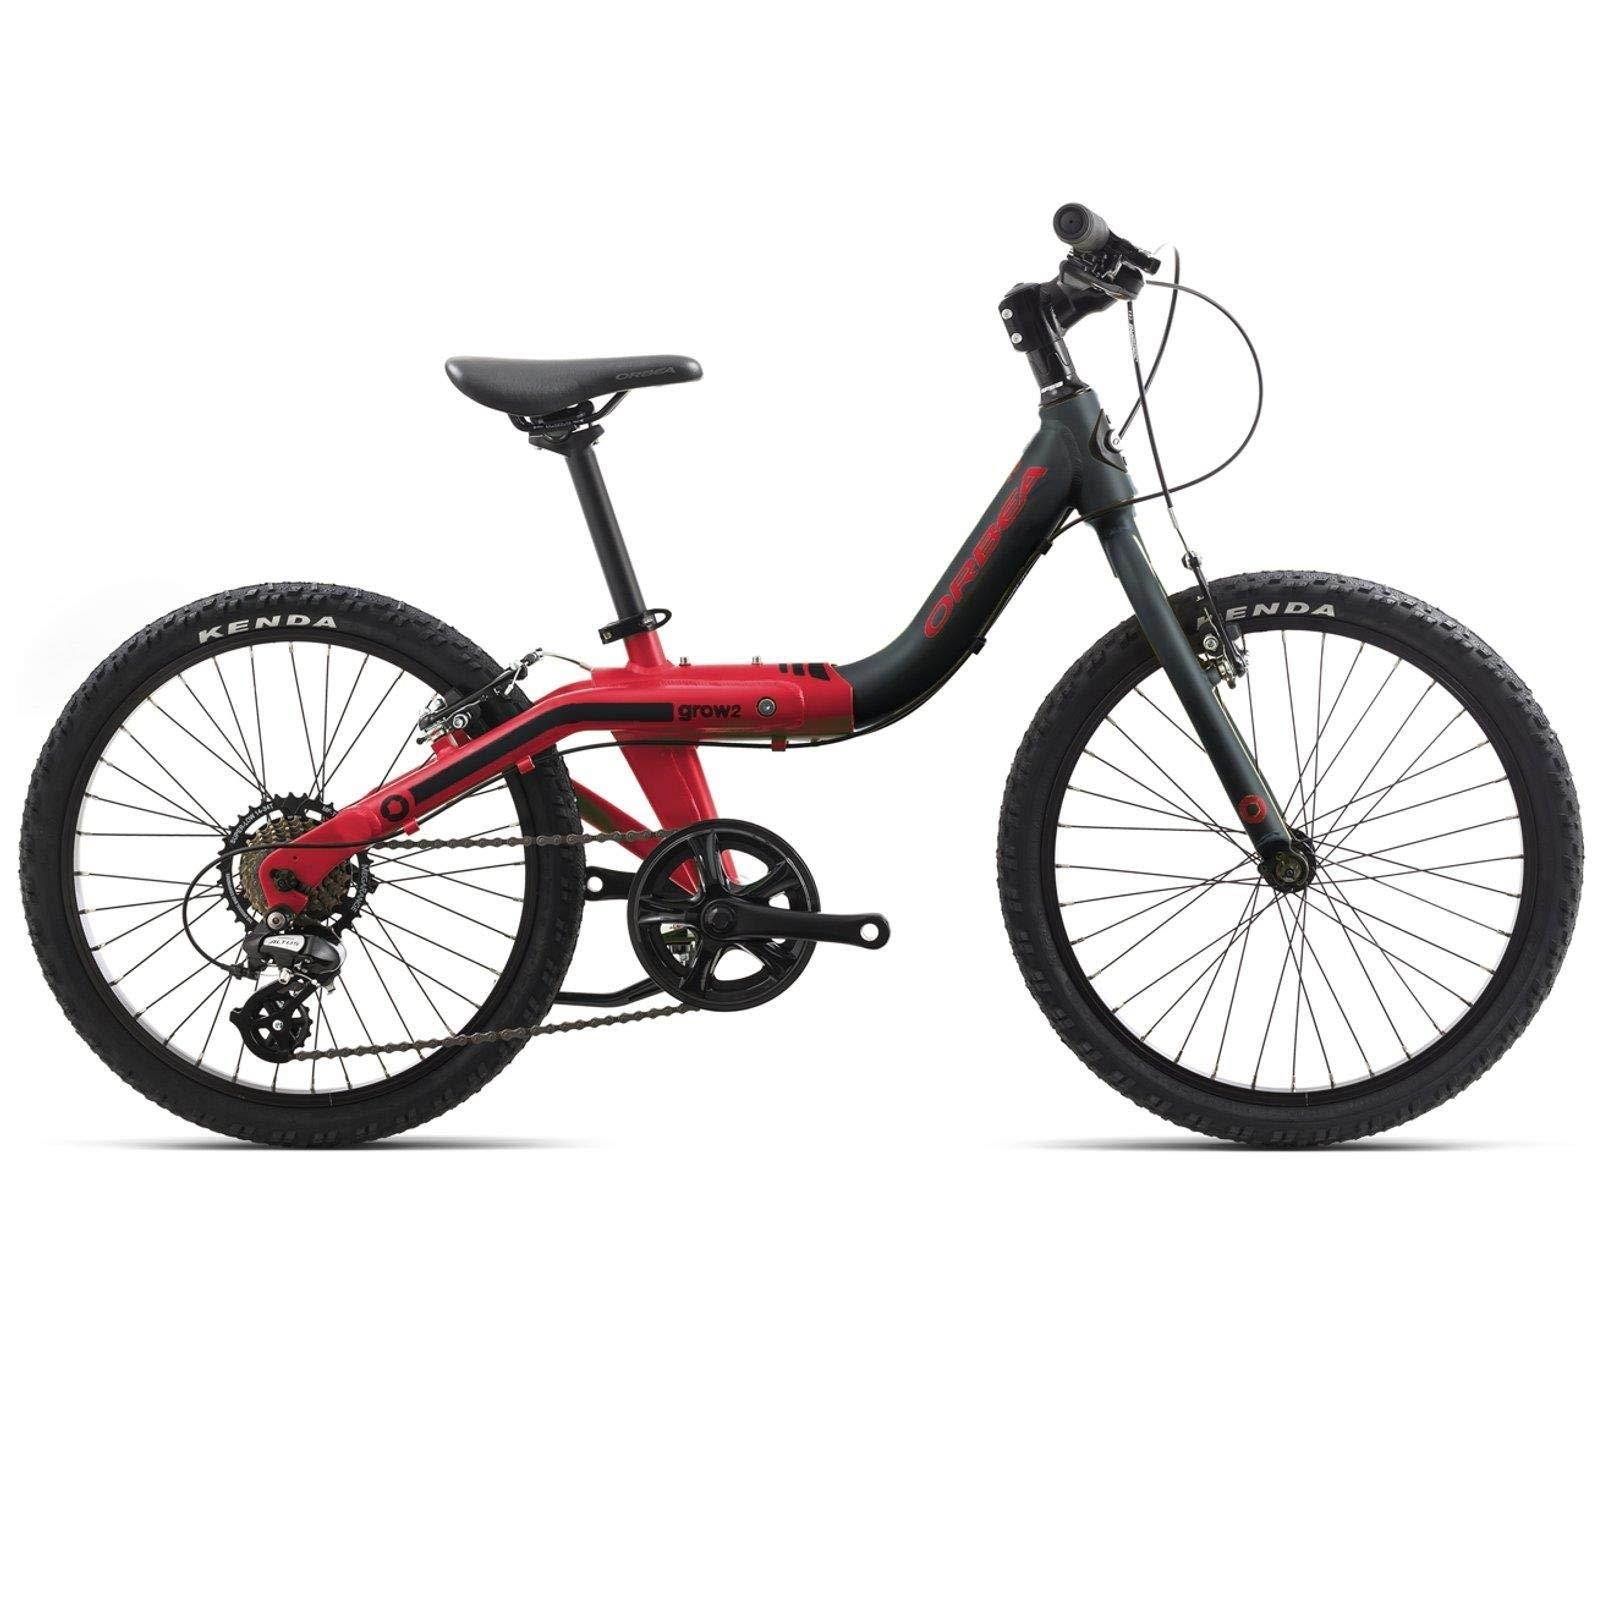 Orbea Grow 2 7 V bicicleta infantil de 20 pulgadas 7 velocidades ...